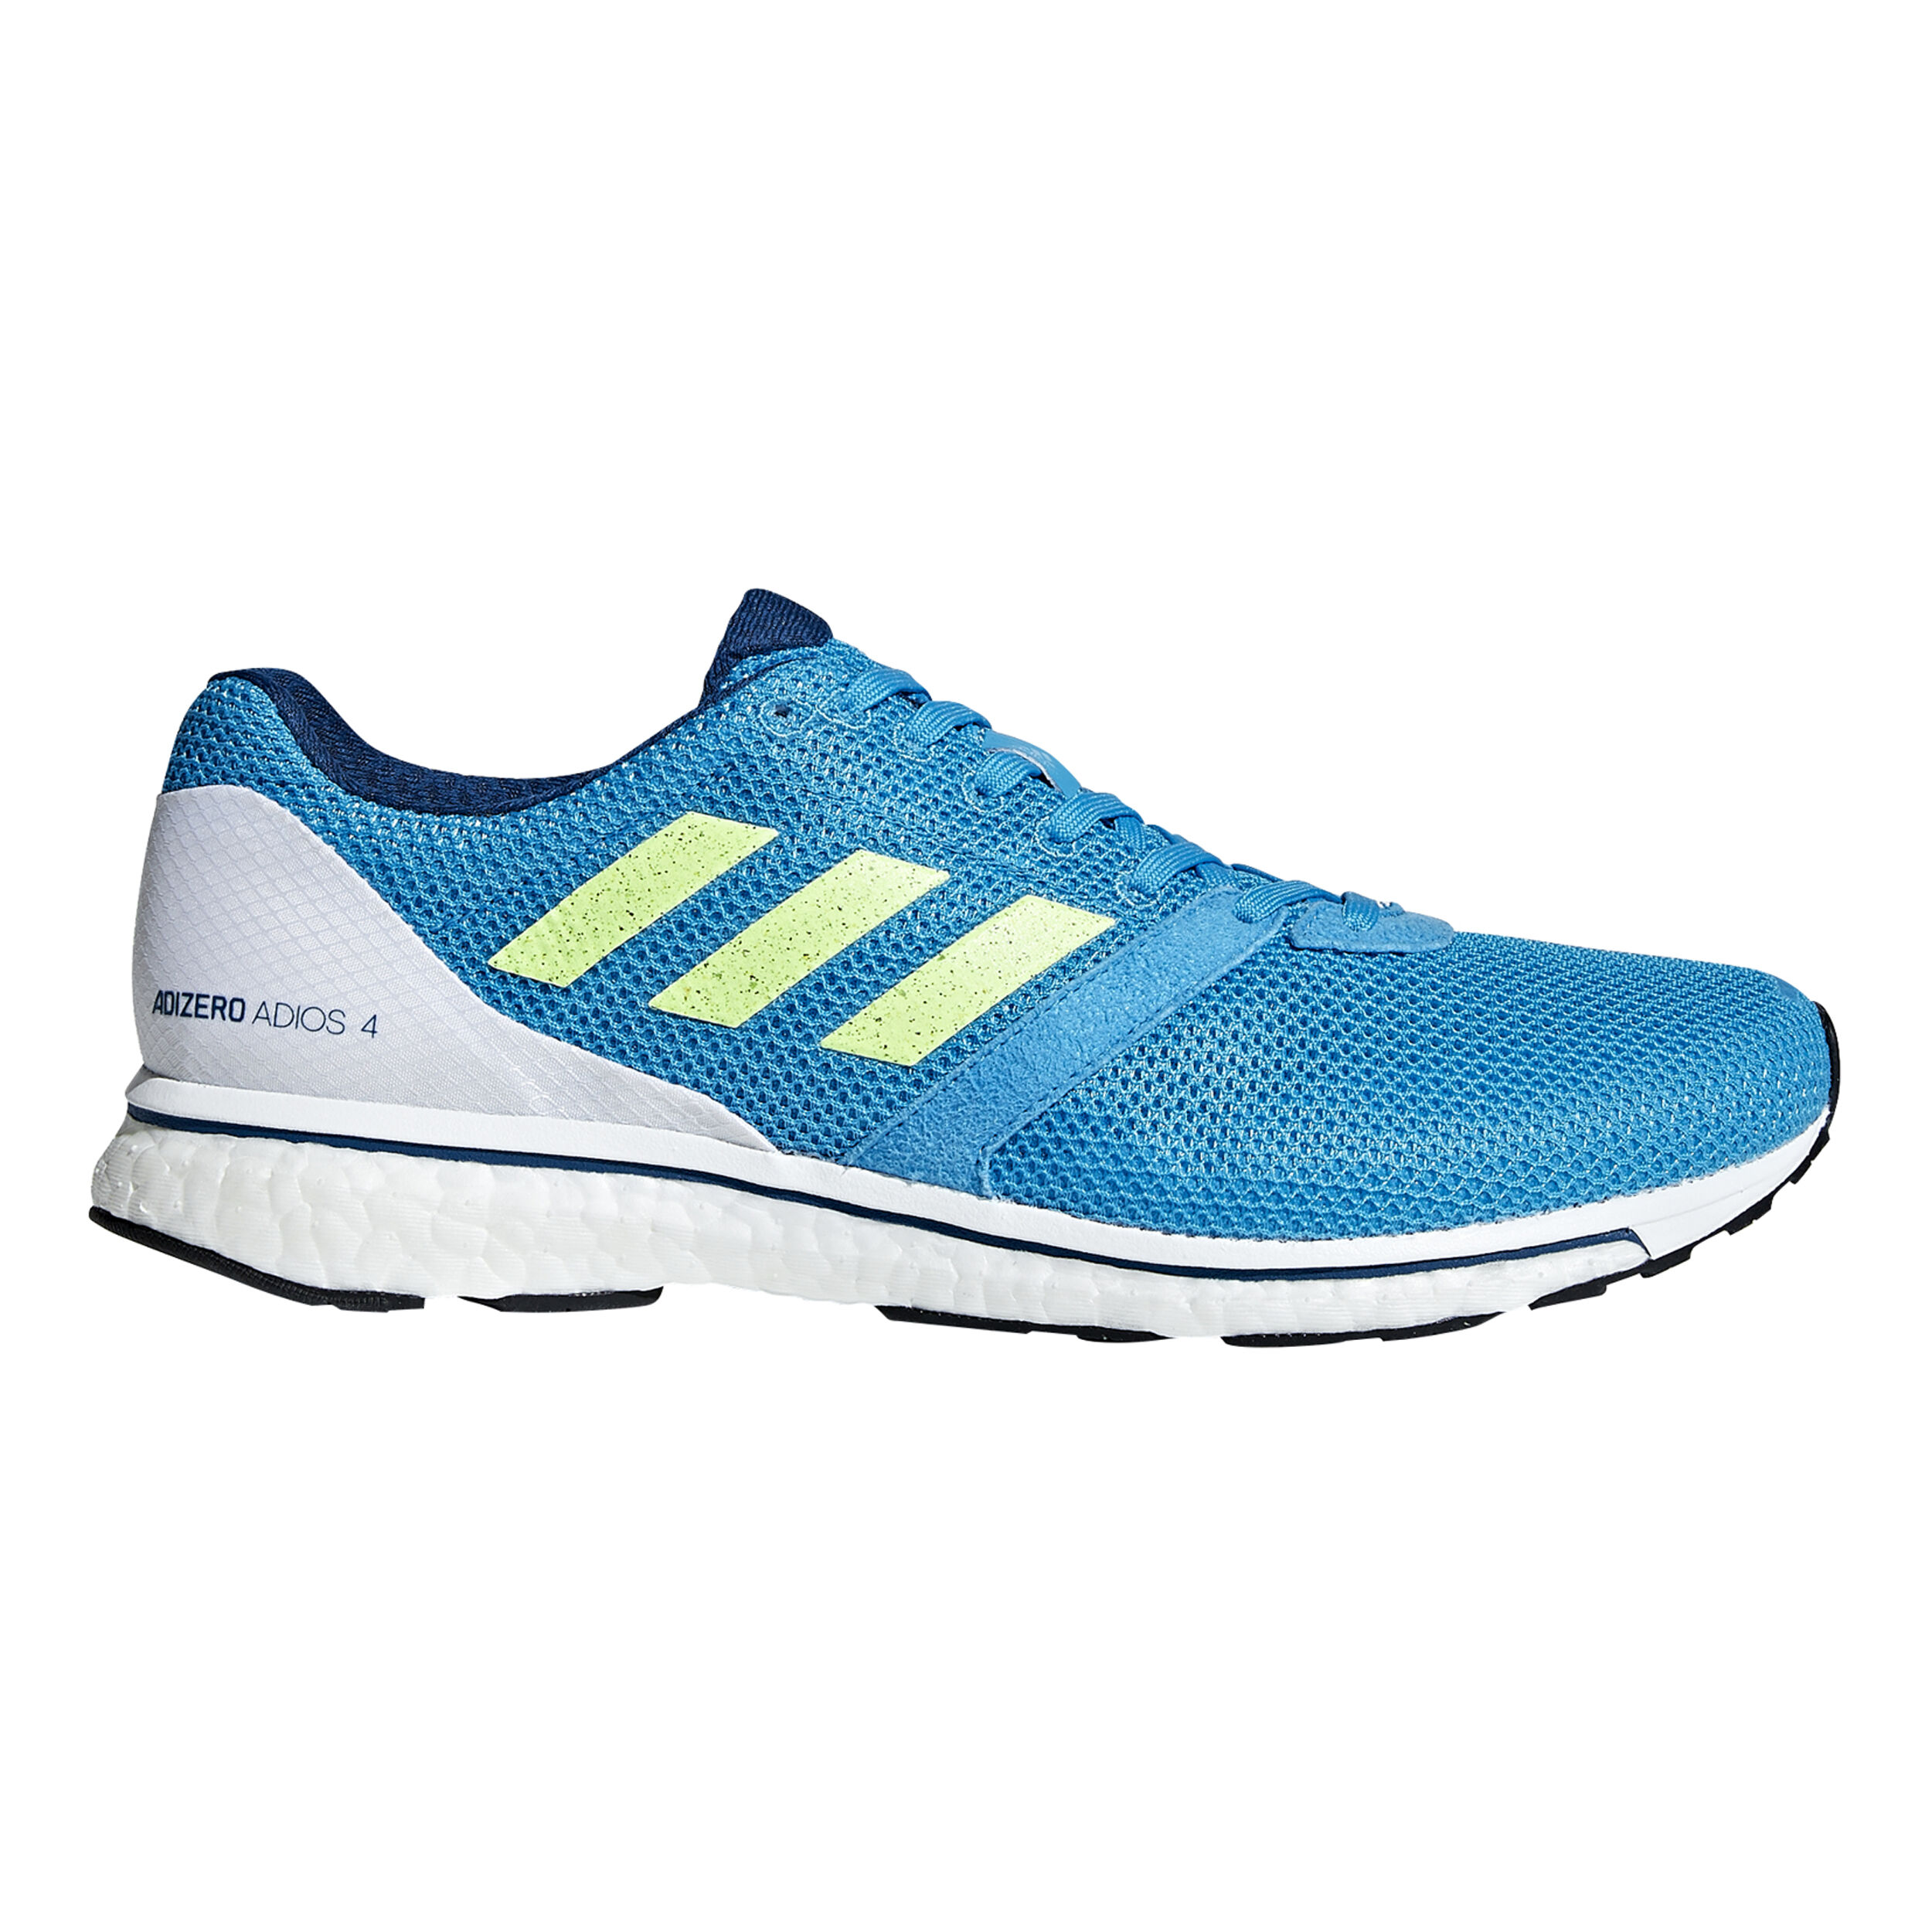 adidas Adizero Adios 4 Wettkampfschuh Herren Blau